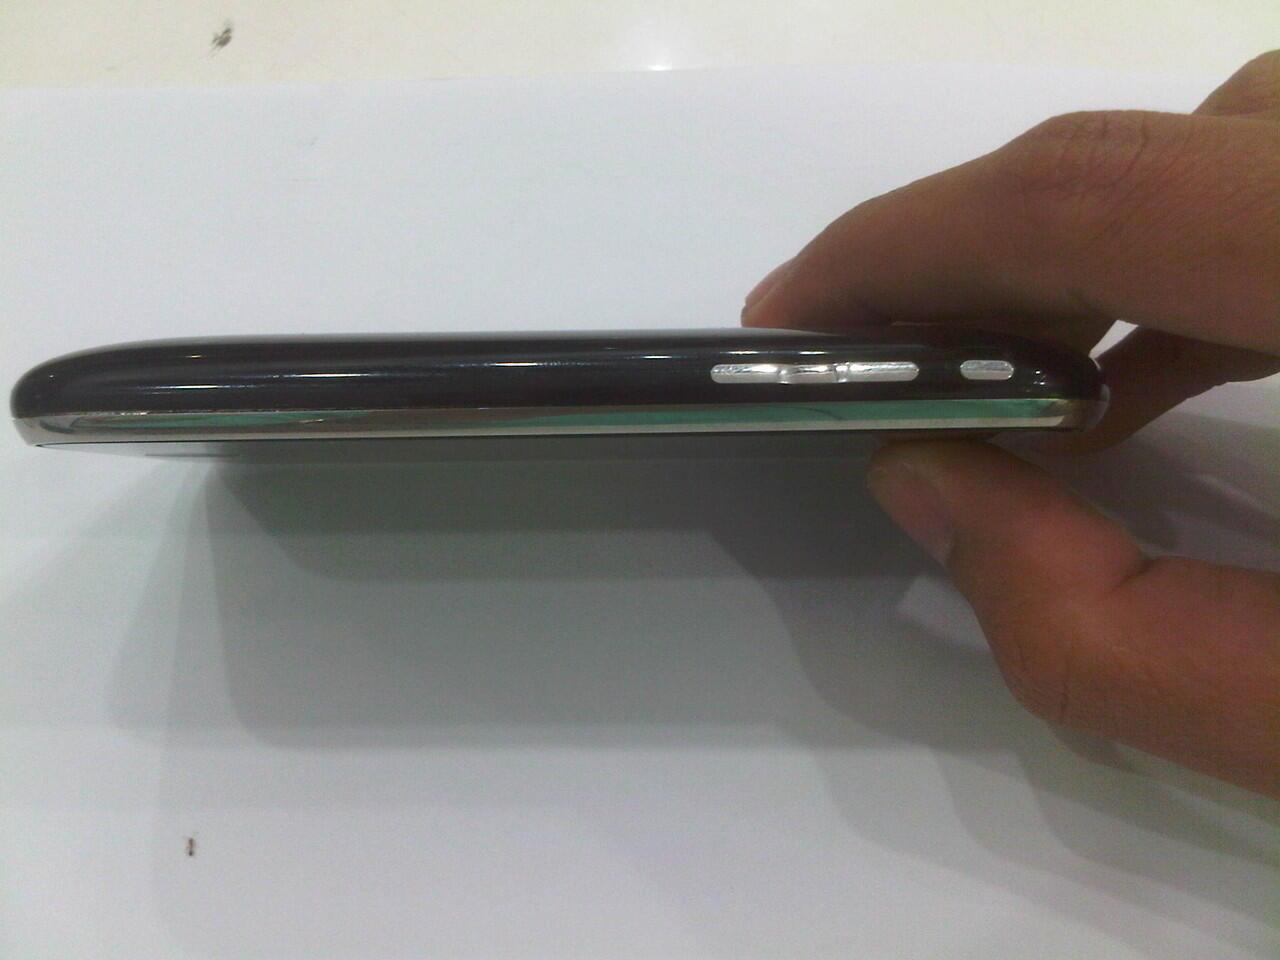 IPHONEEE 3G 16GGA LAGIII BATANGANN SOLOOO JOGJAA